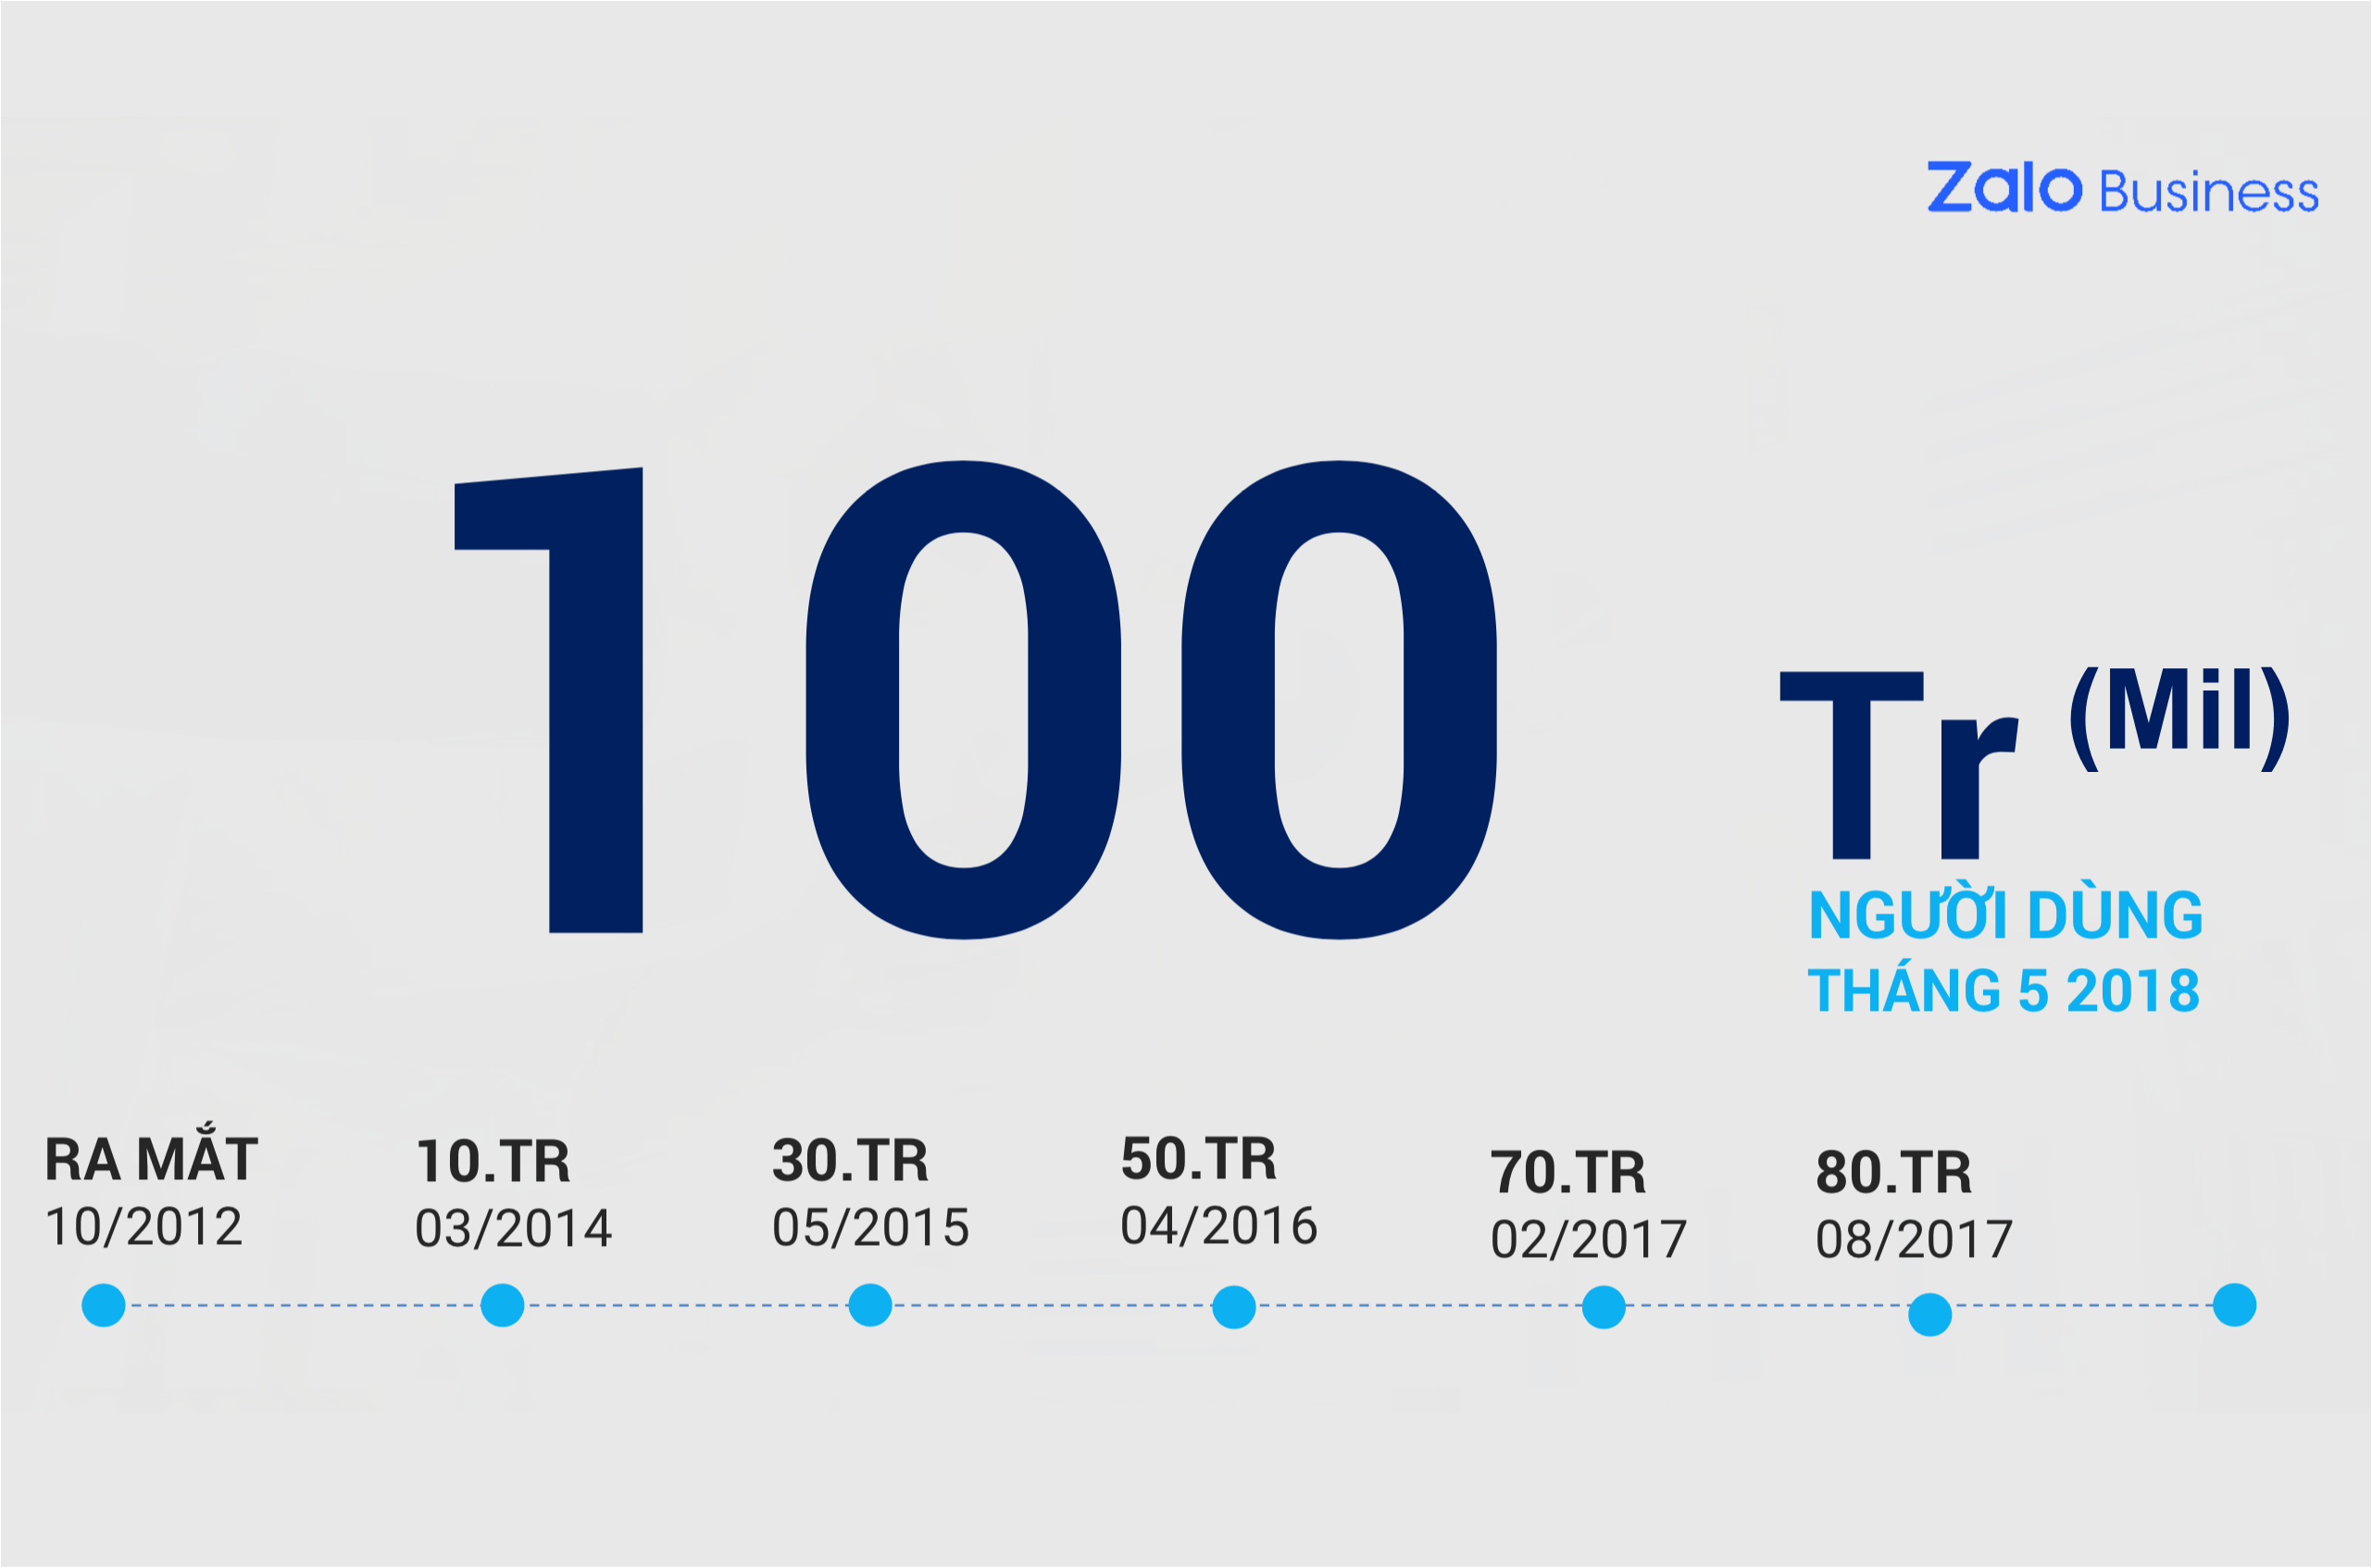 Zalo Users Statistics in Vietnam